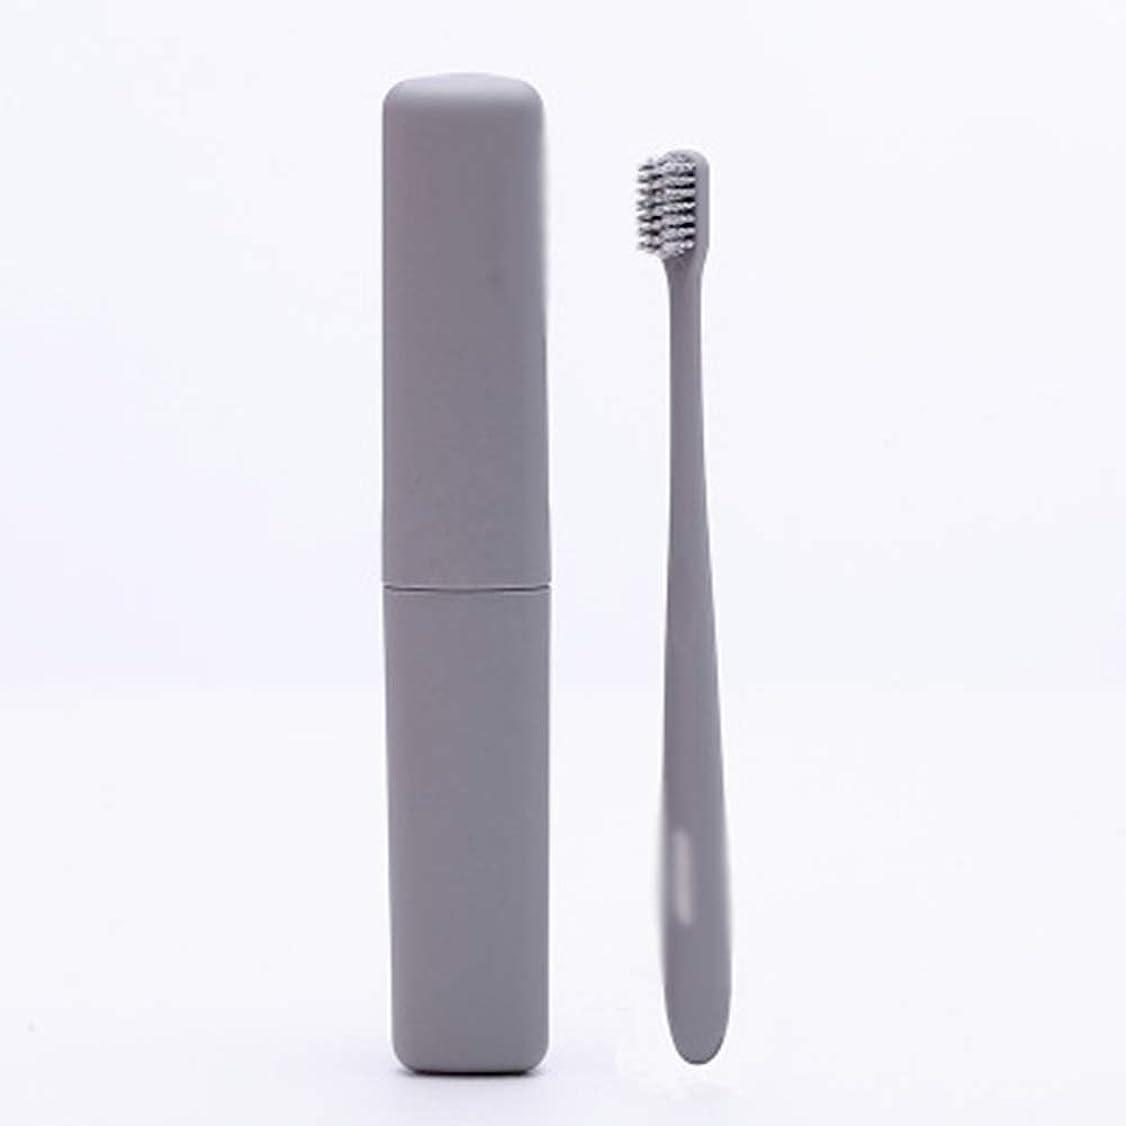 マトン代名詞にんじん新しい特別に柔らかい密集した剛毛の歯ブラシ、歯肉炎および敏感な歯のための最もよい生物分解性の歯ブラシ,C